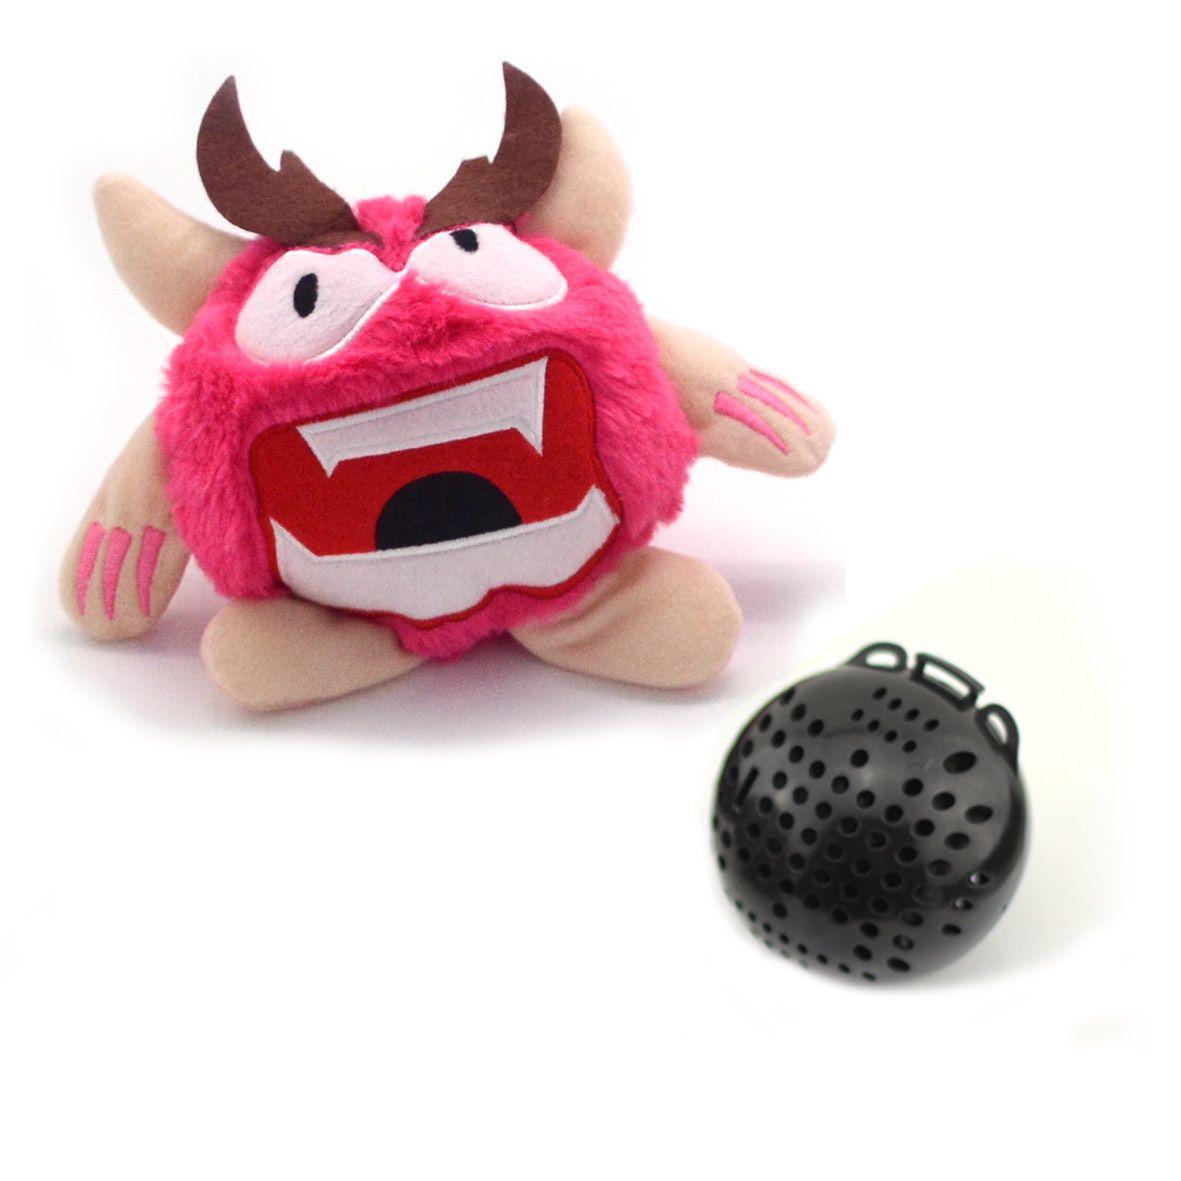 Elétrica monstro pequeno bonito Plush Toy, desenhos animados Stuffed Animal, Vibrar fazer um som Pet Dog Toy, para o ornamento, Xmas Kid presente de aniversário, 2-2